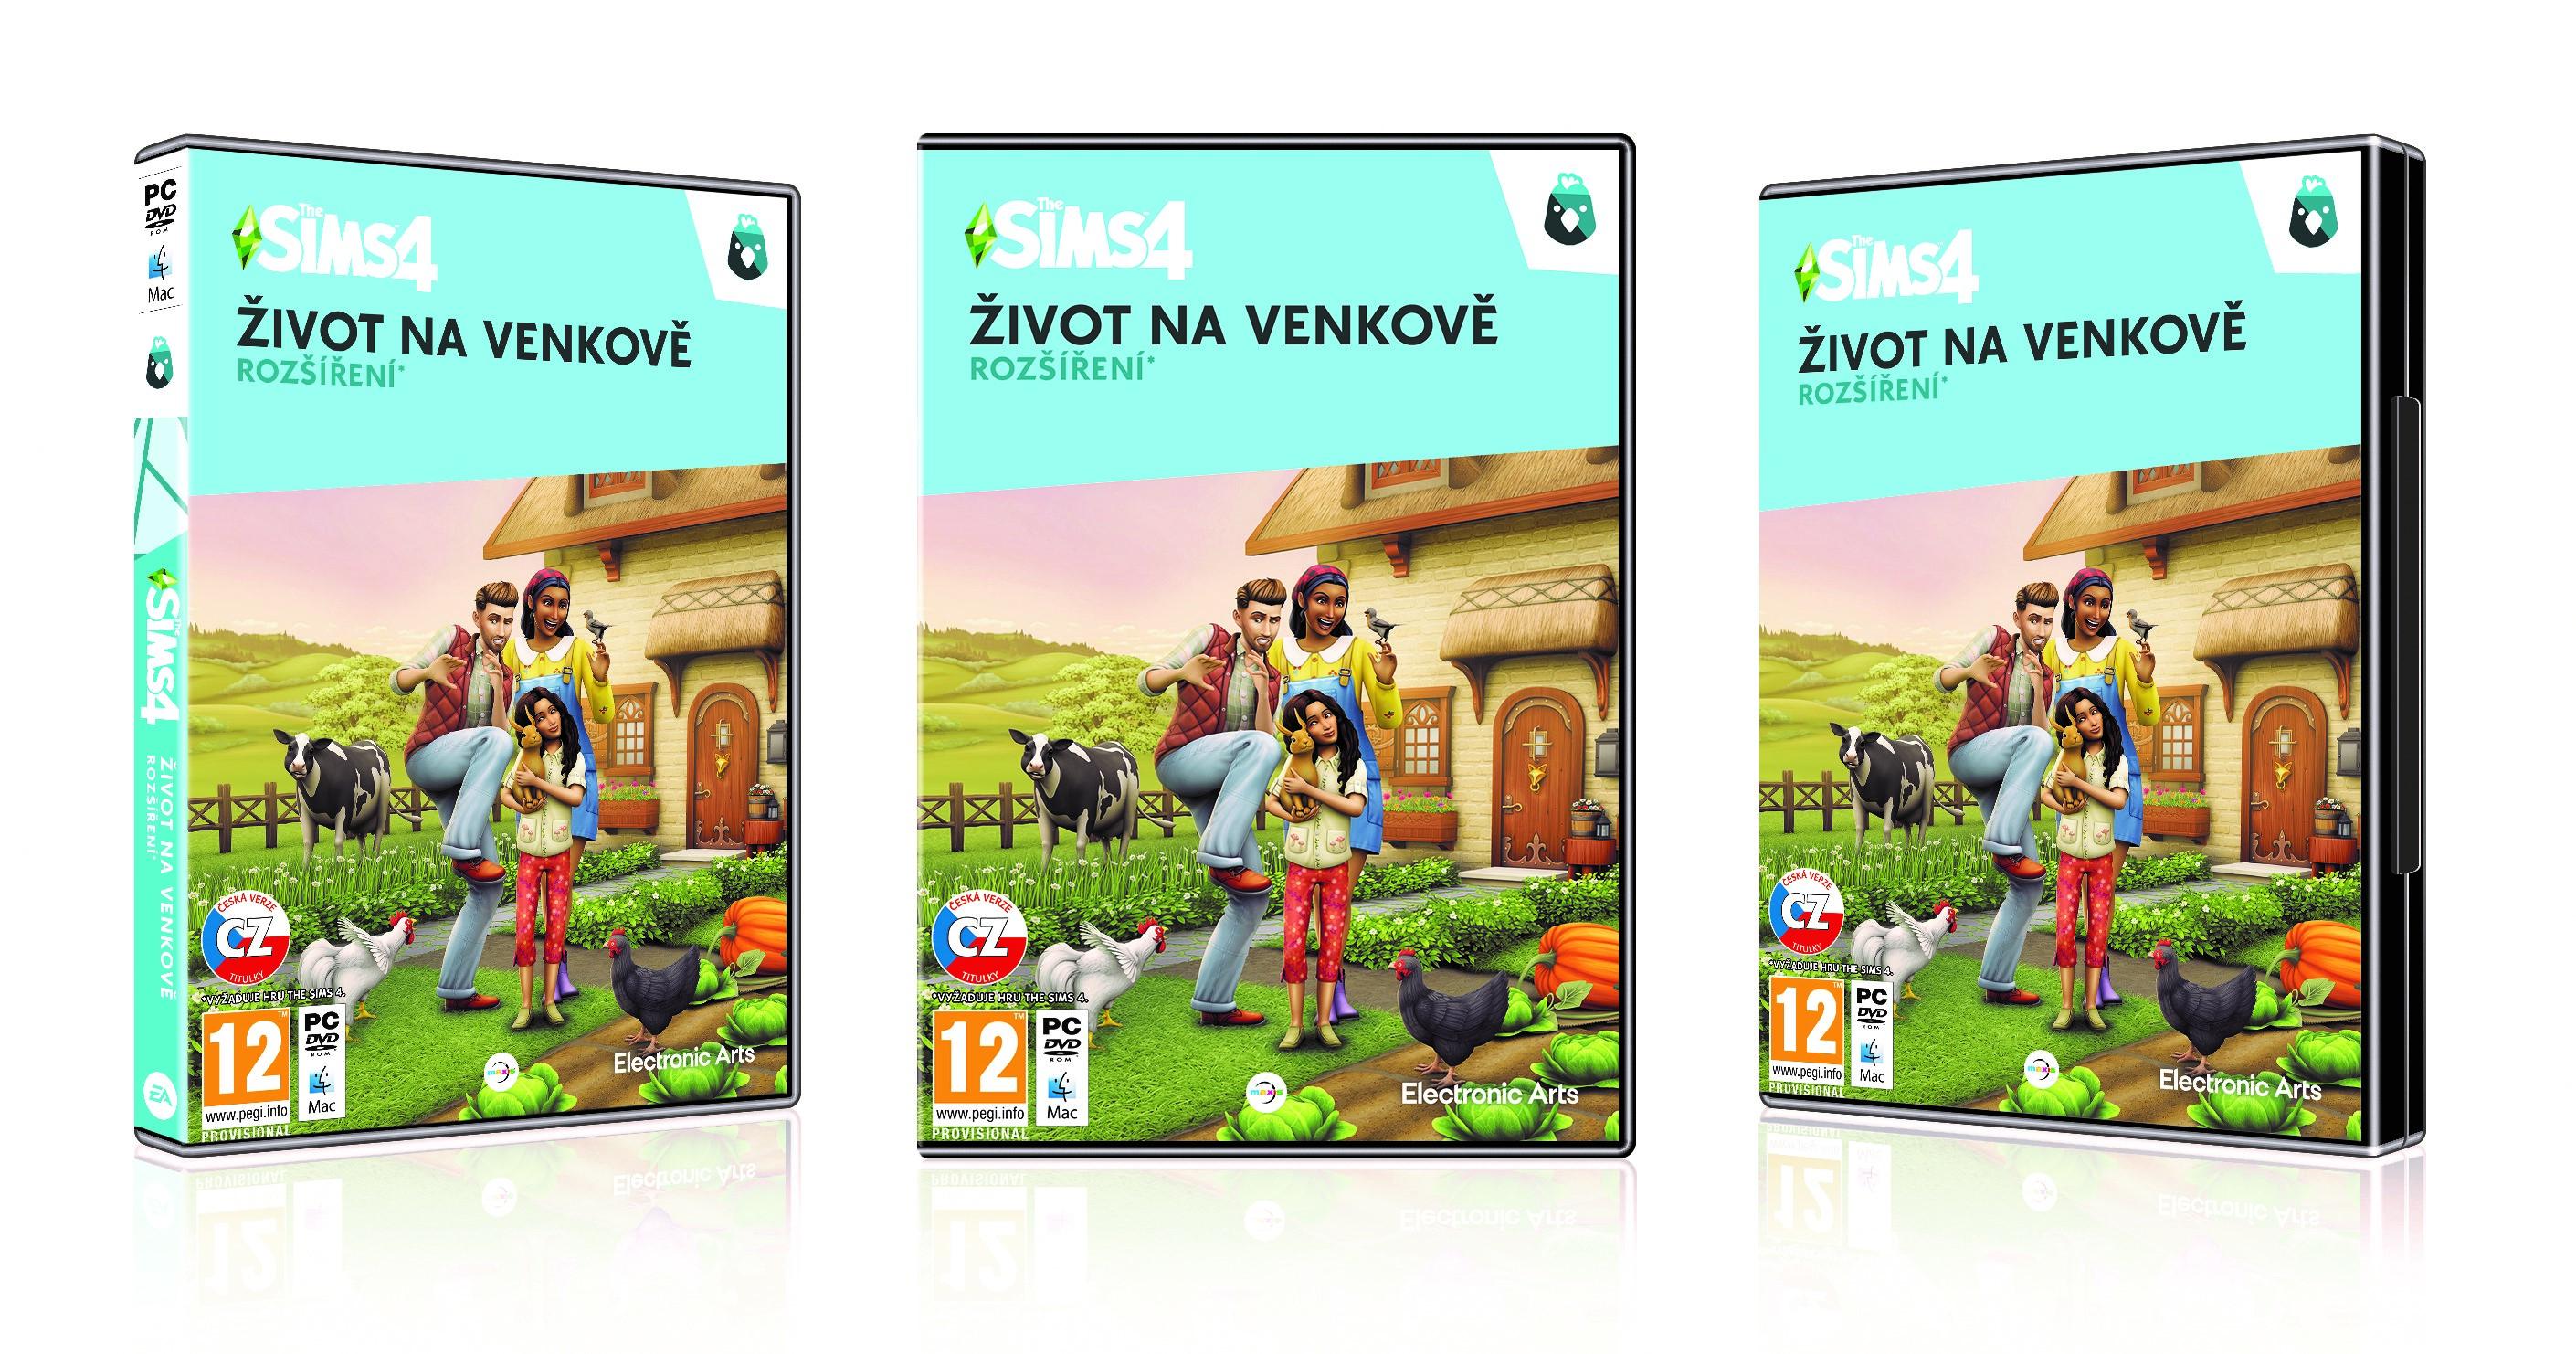 PC - The Sims 4 - Život na venkově - 5030945123941